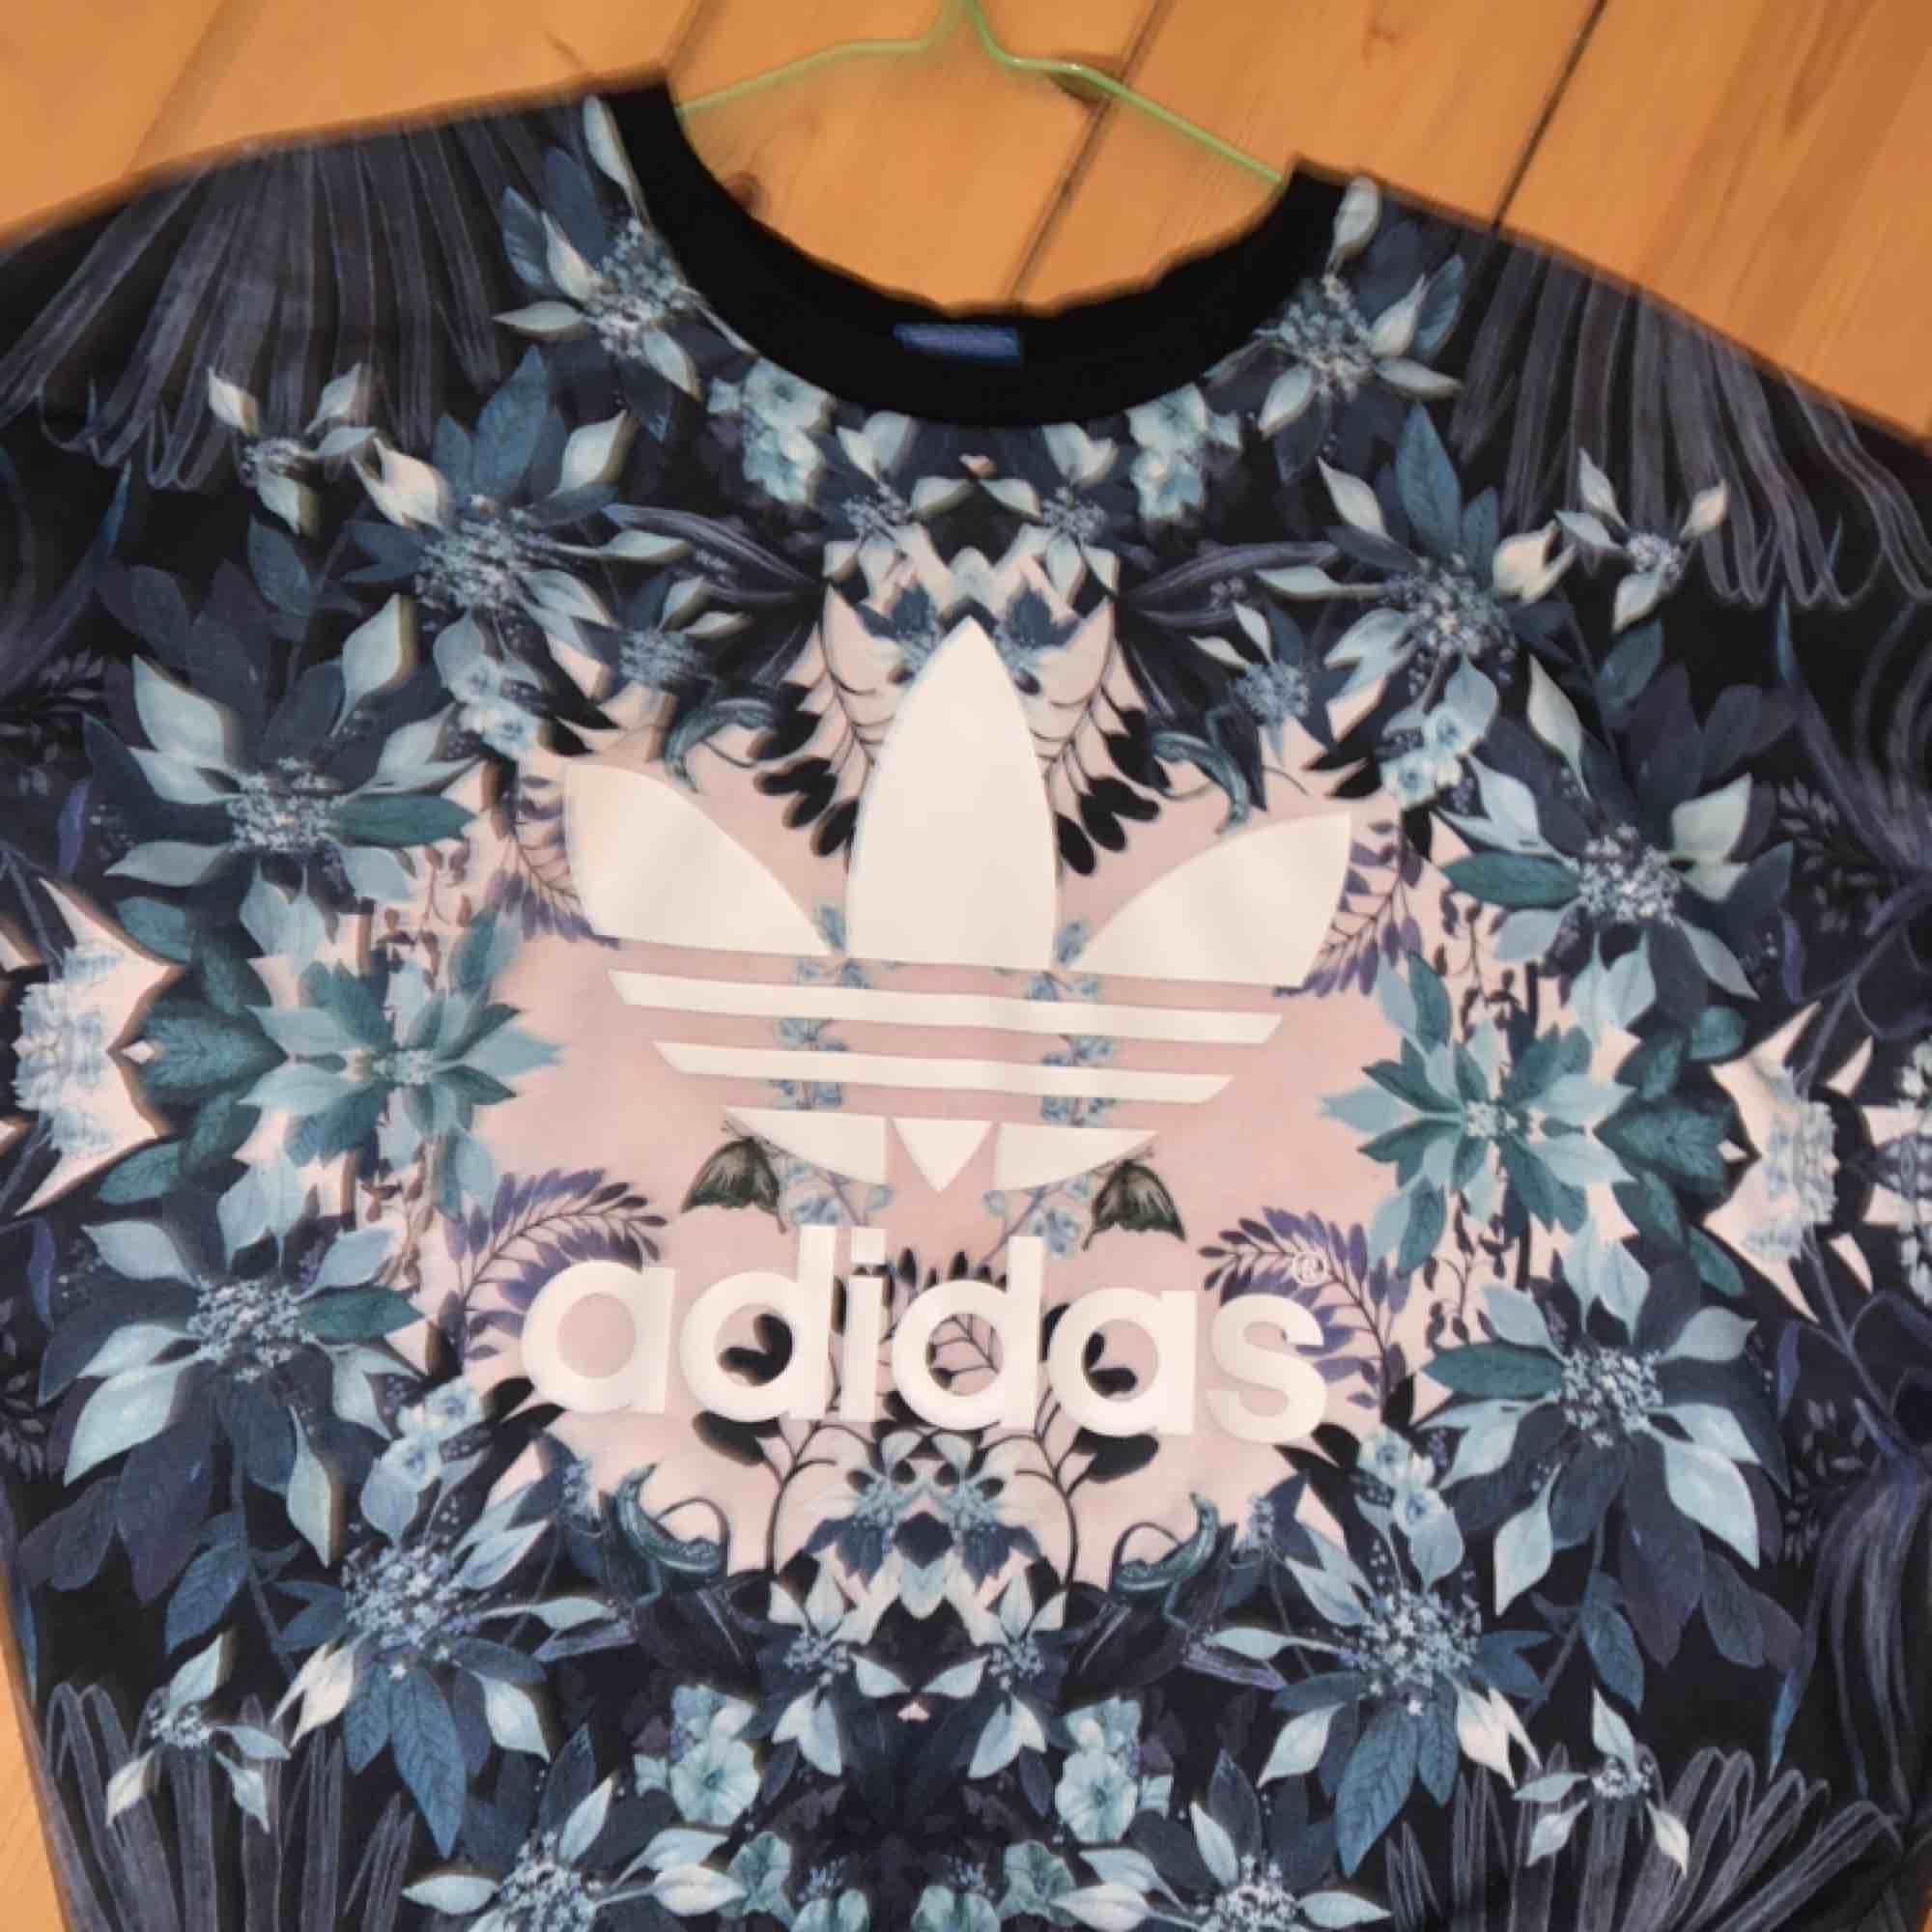 Tröja från Adidas i storlek S! Supersnygg! Använd några få gånger. Priser är exklusive frakt! (Köparen står för frakten.) Jag kan mötas upp på röda linjen i Stockholm. . Tröjor & Koftor.